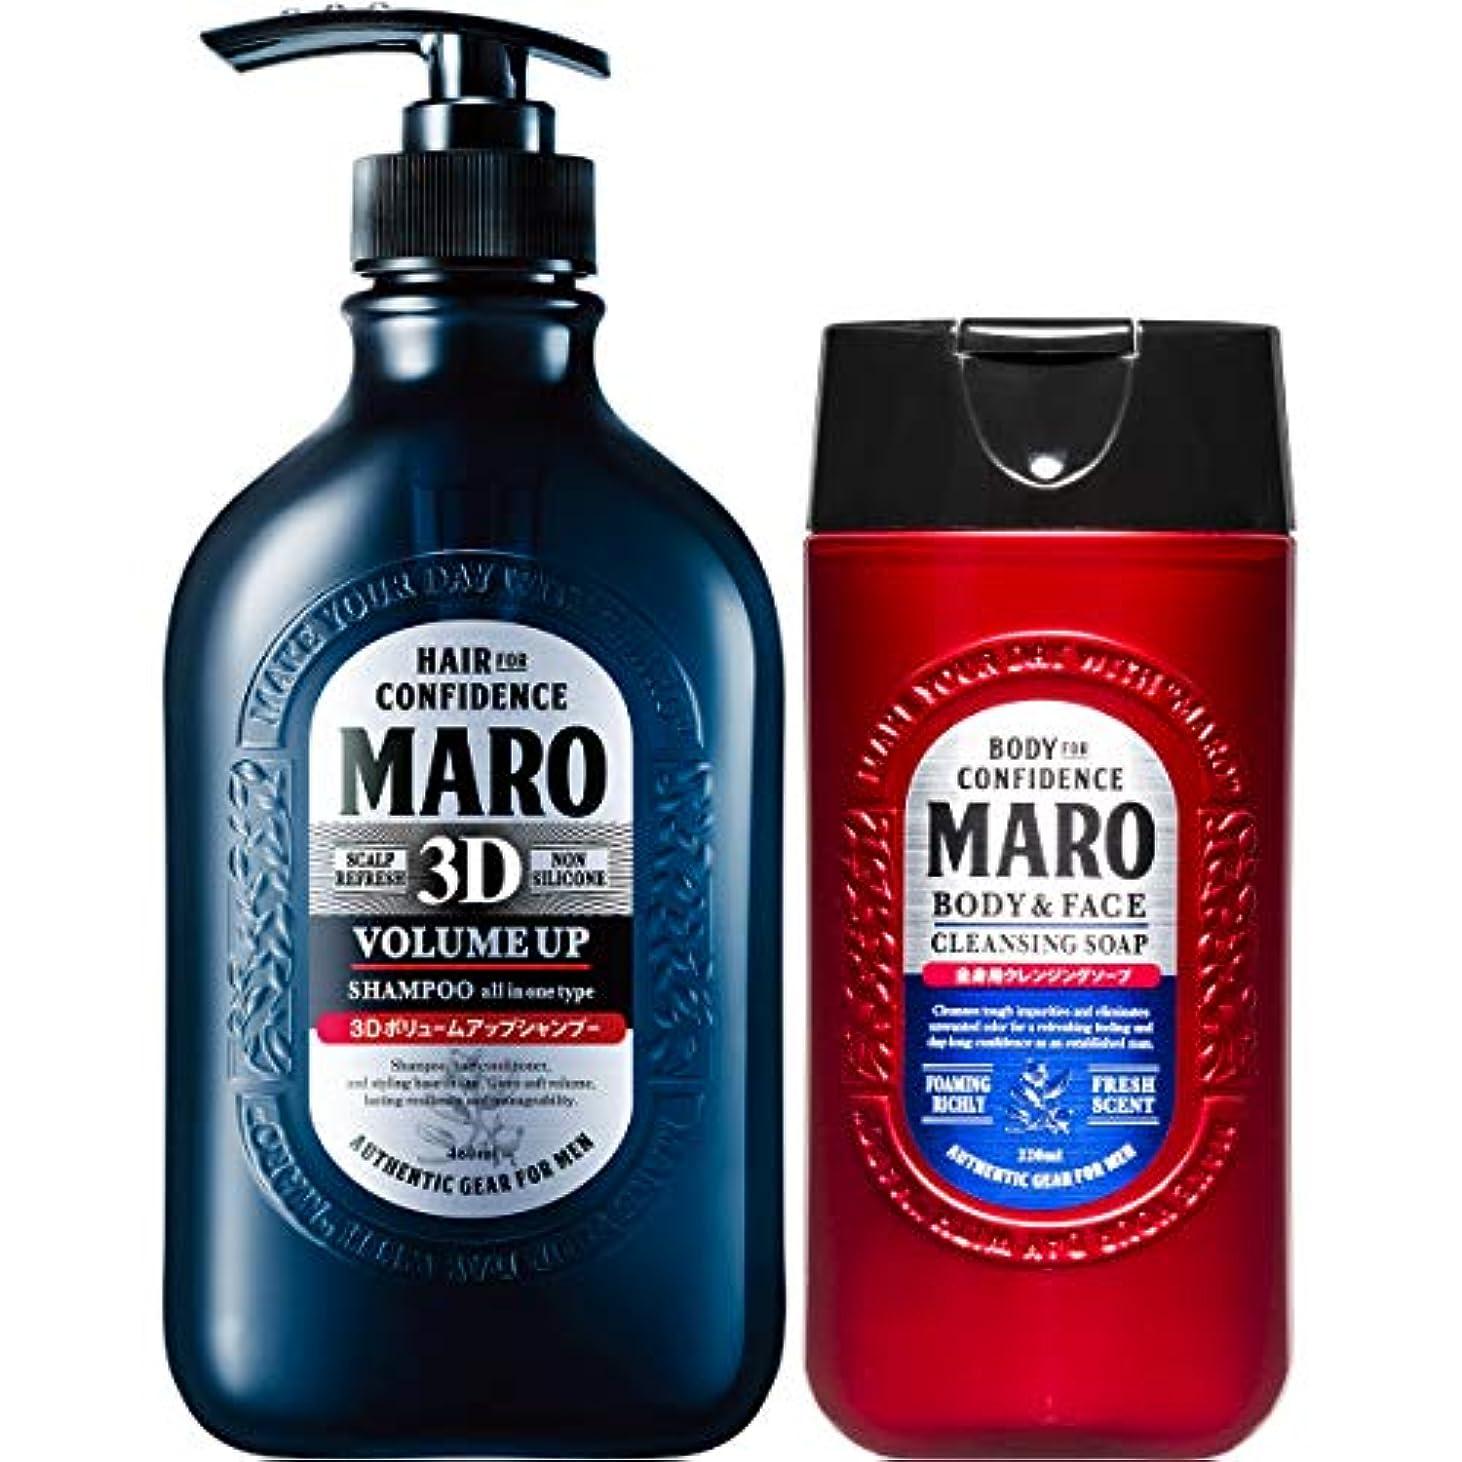 増強セージびっくりしたMARO(マーロ) ボリュームアップシャンプー、クレンジングソープ 本体 460ml+クレンジングソープ220ml